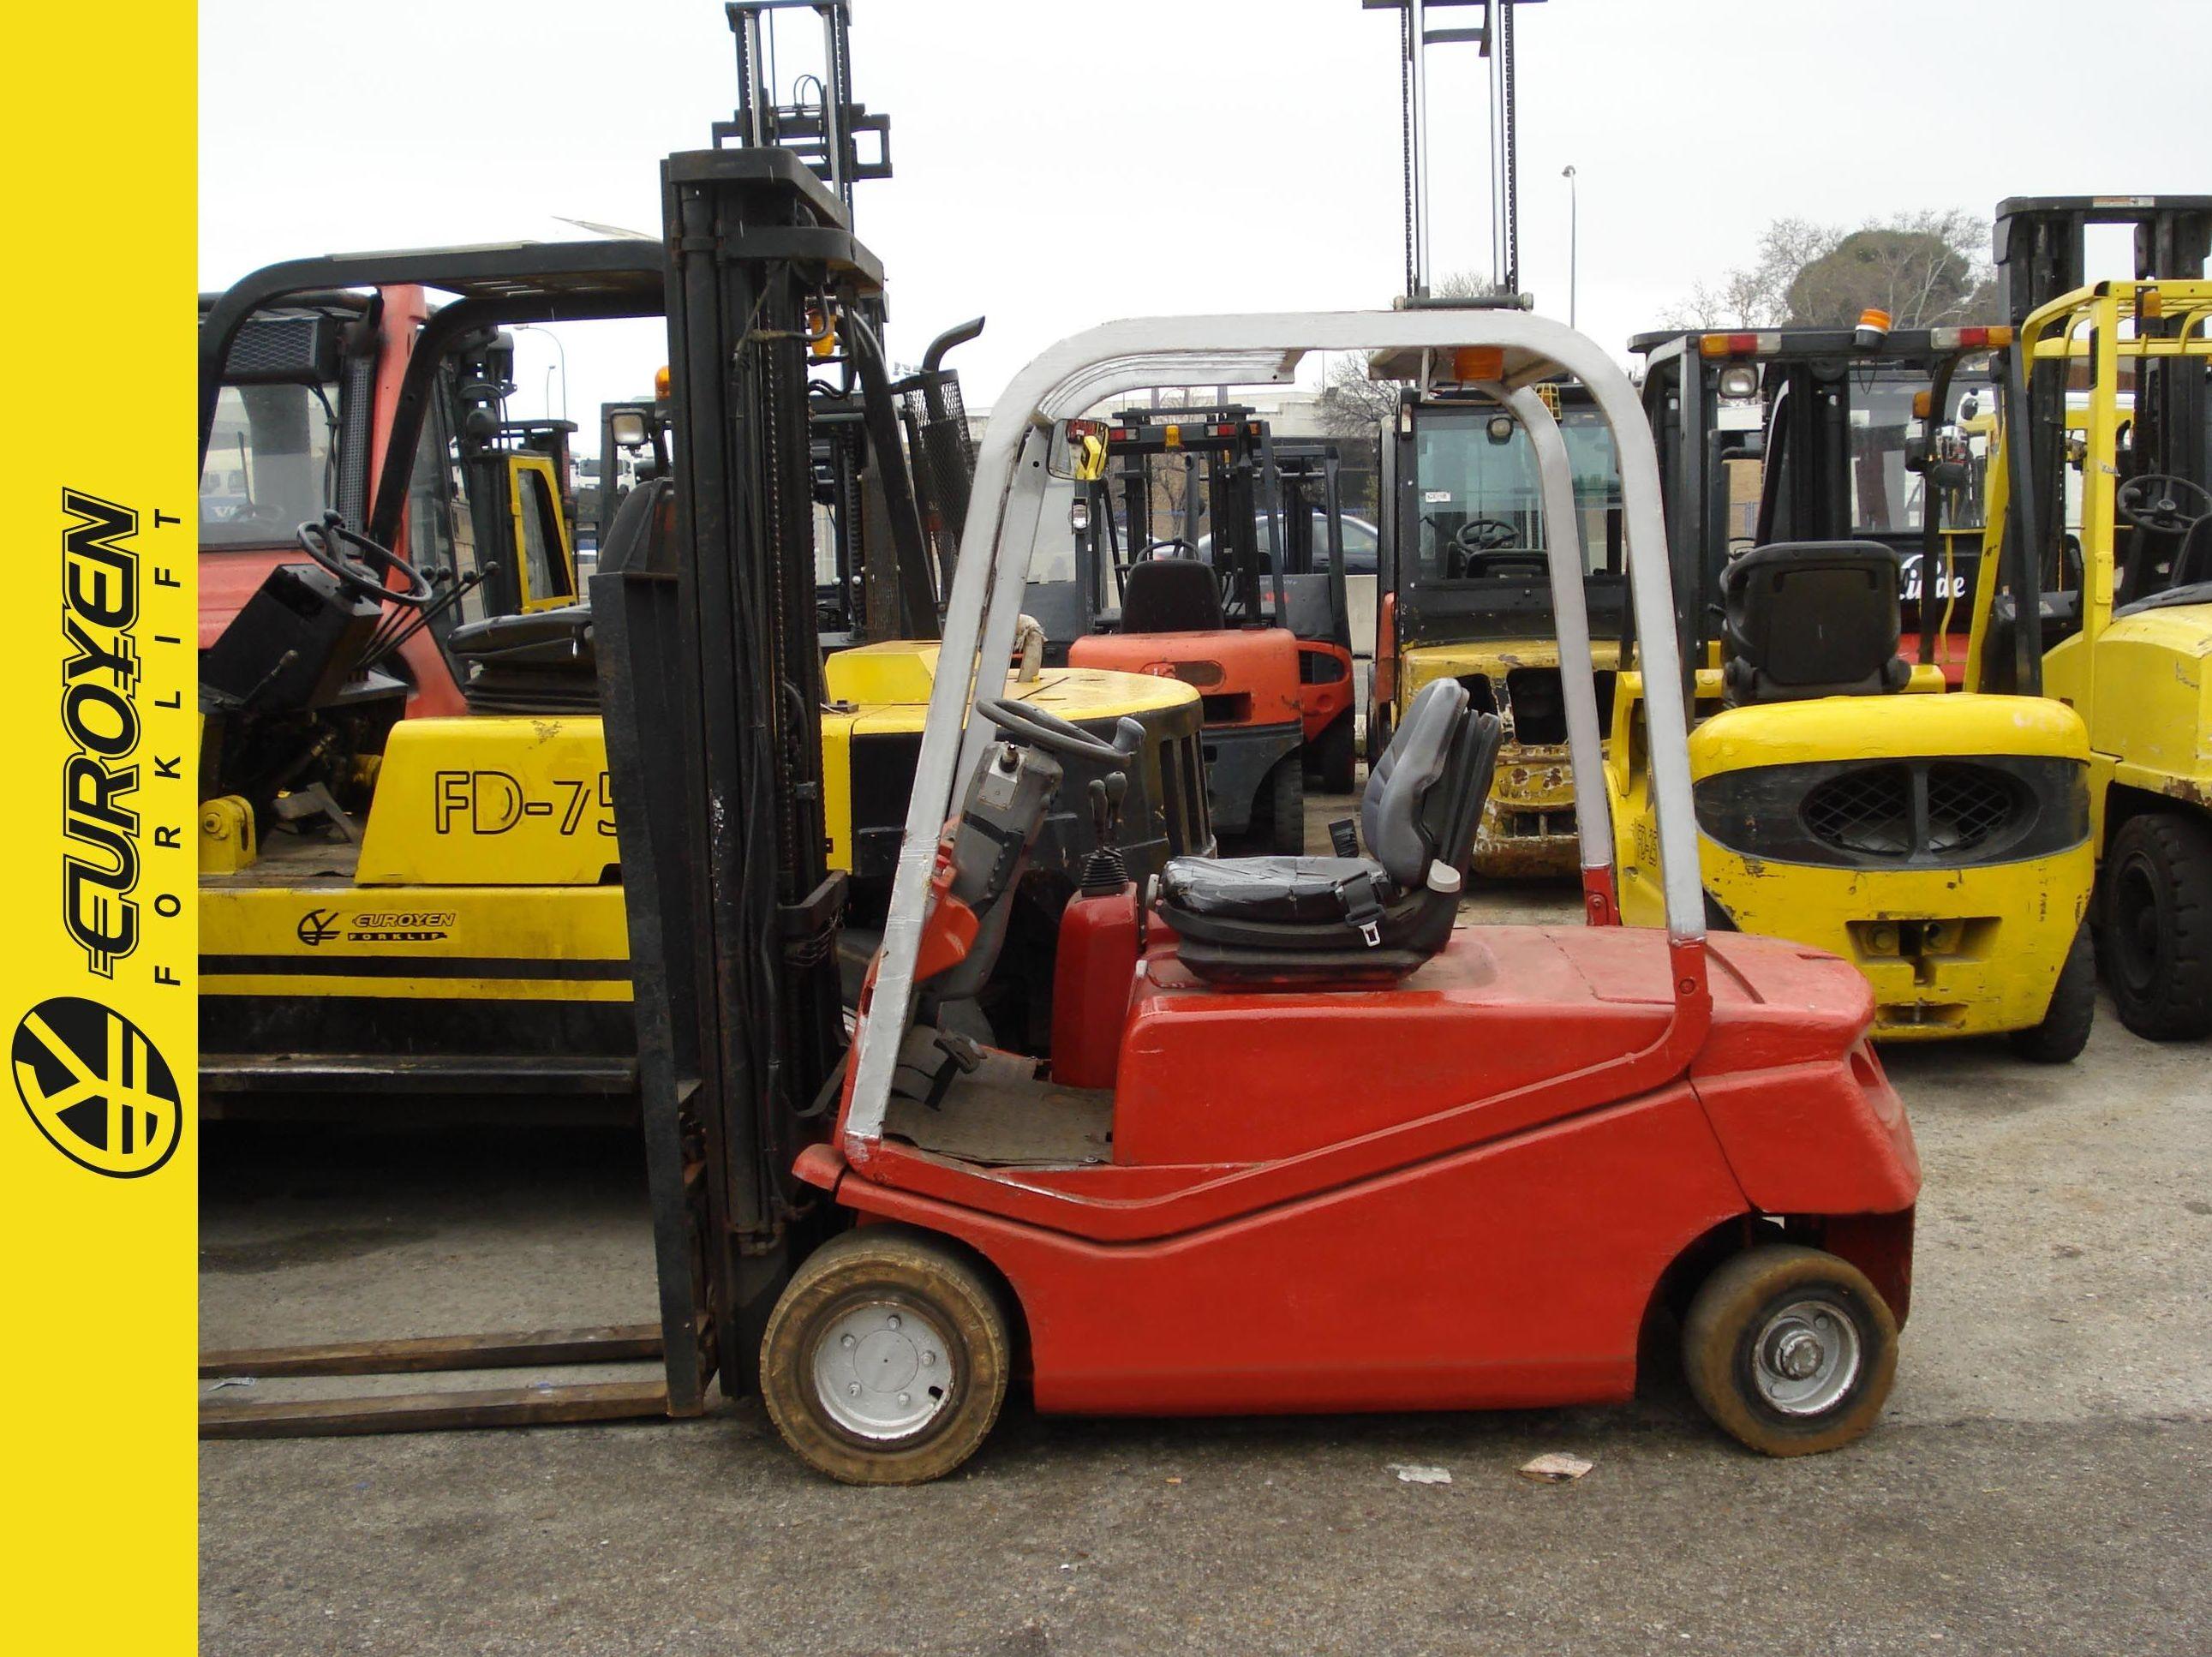 Carretilla eléctrica BT Nº 6176: Productos y servicios de Comercial Euroyen, S. L.